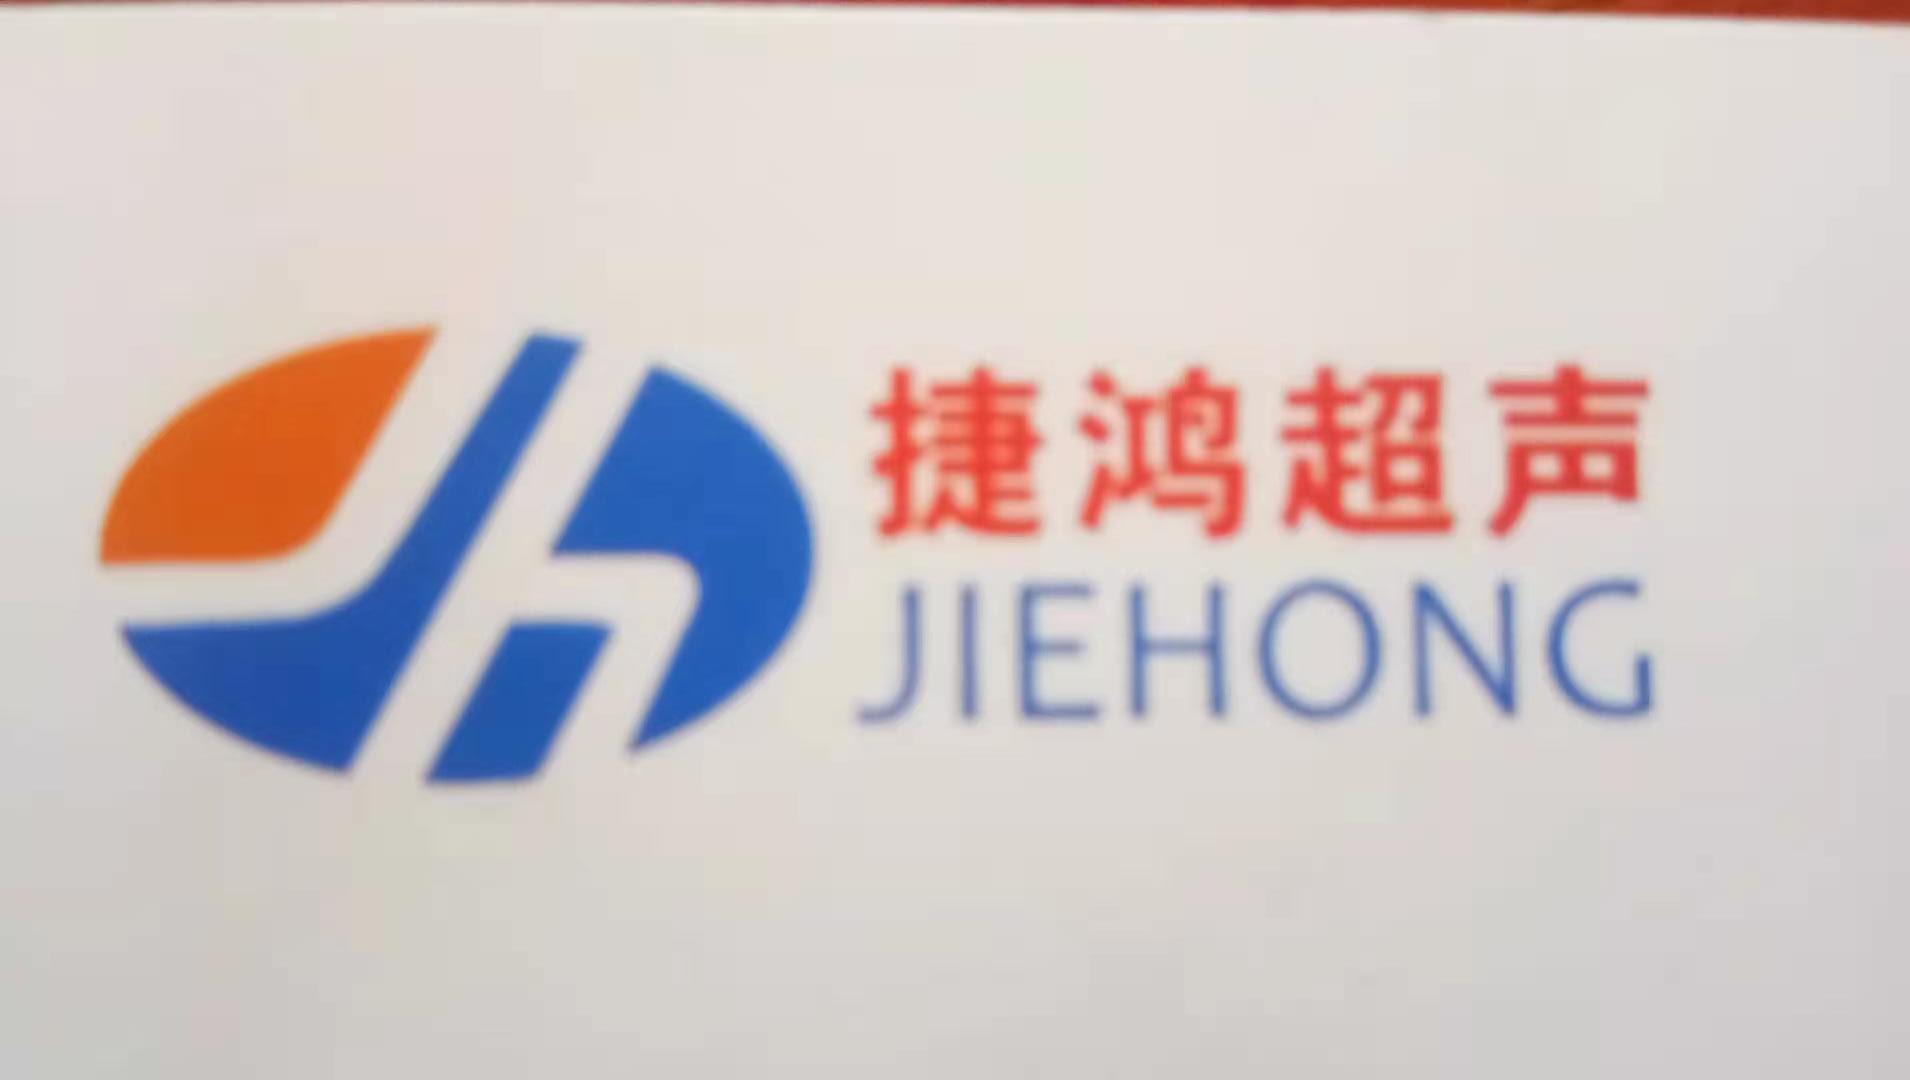 深圳捷鴻*聲設備有限公司